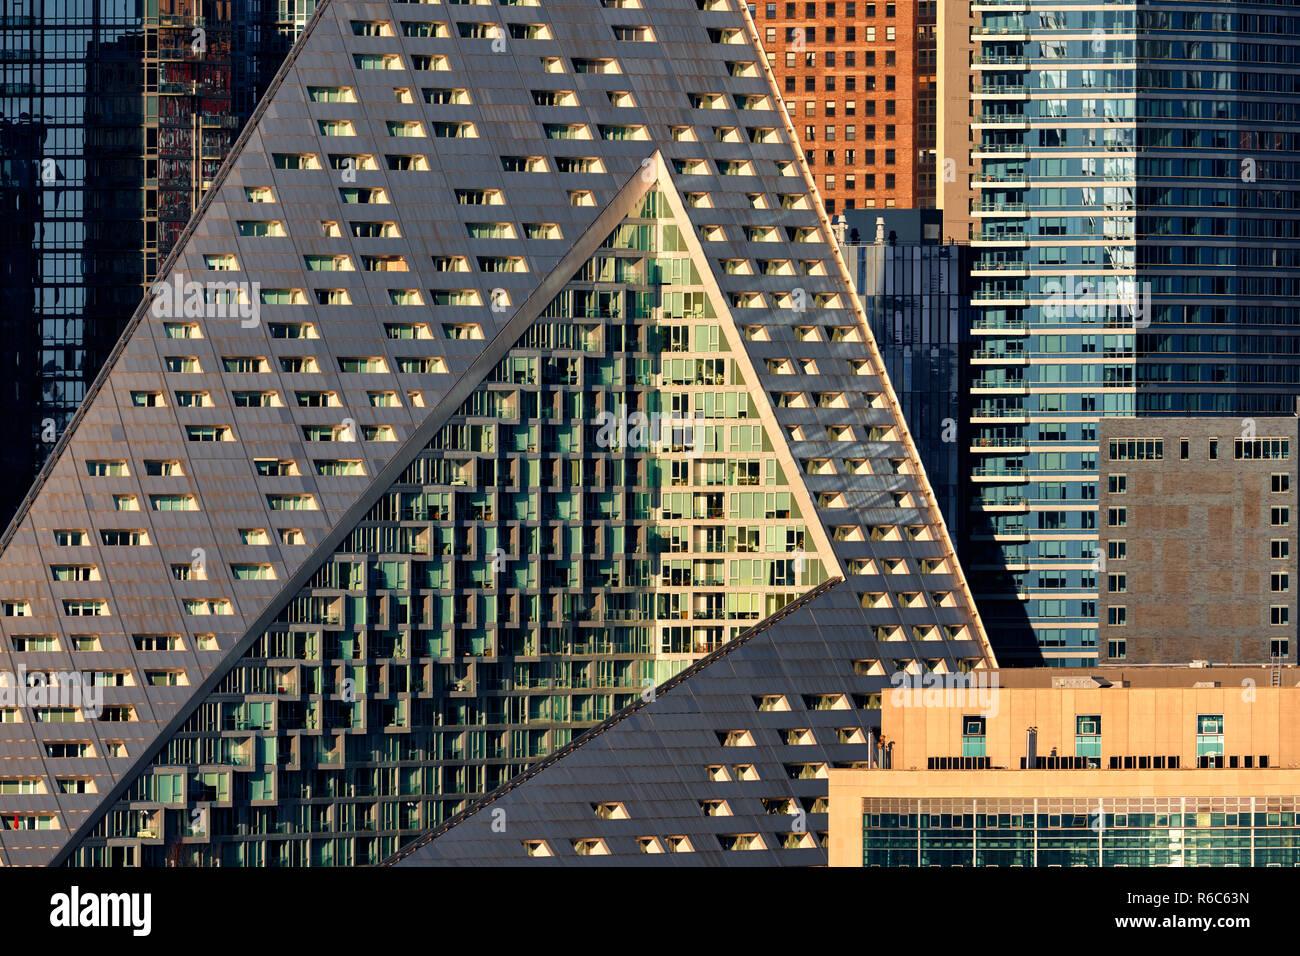 Le complexe d'appartements de luxe Via Ouest 57 avec ses formes uniques et design moderne. Midtown West, Manhattan, New York City, USA Photo Stock